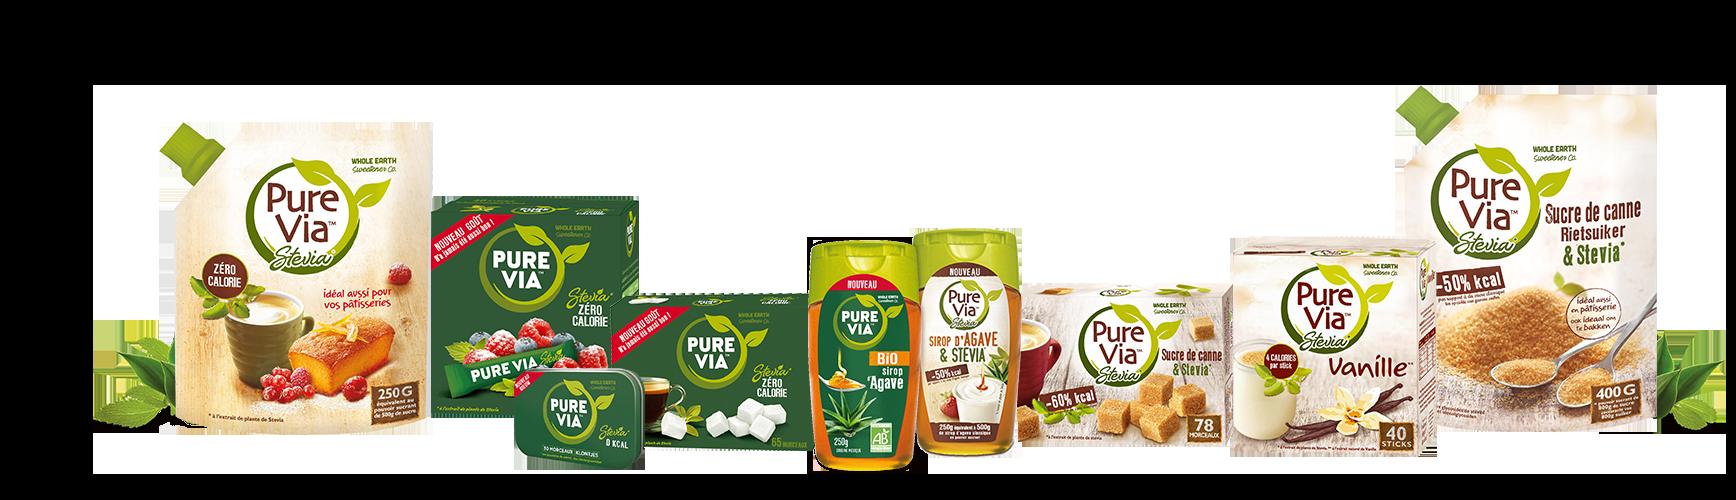 purevia-produits-2017_v2